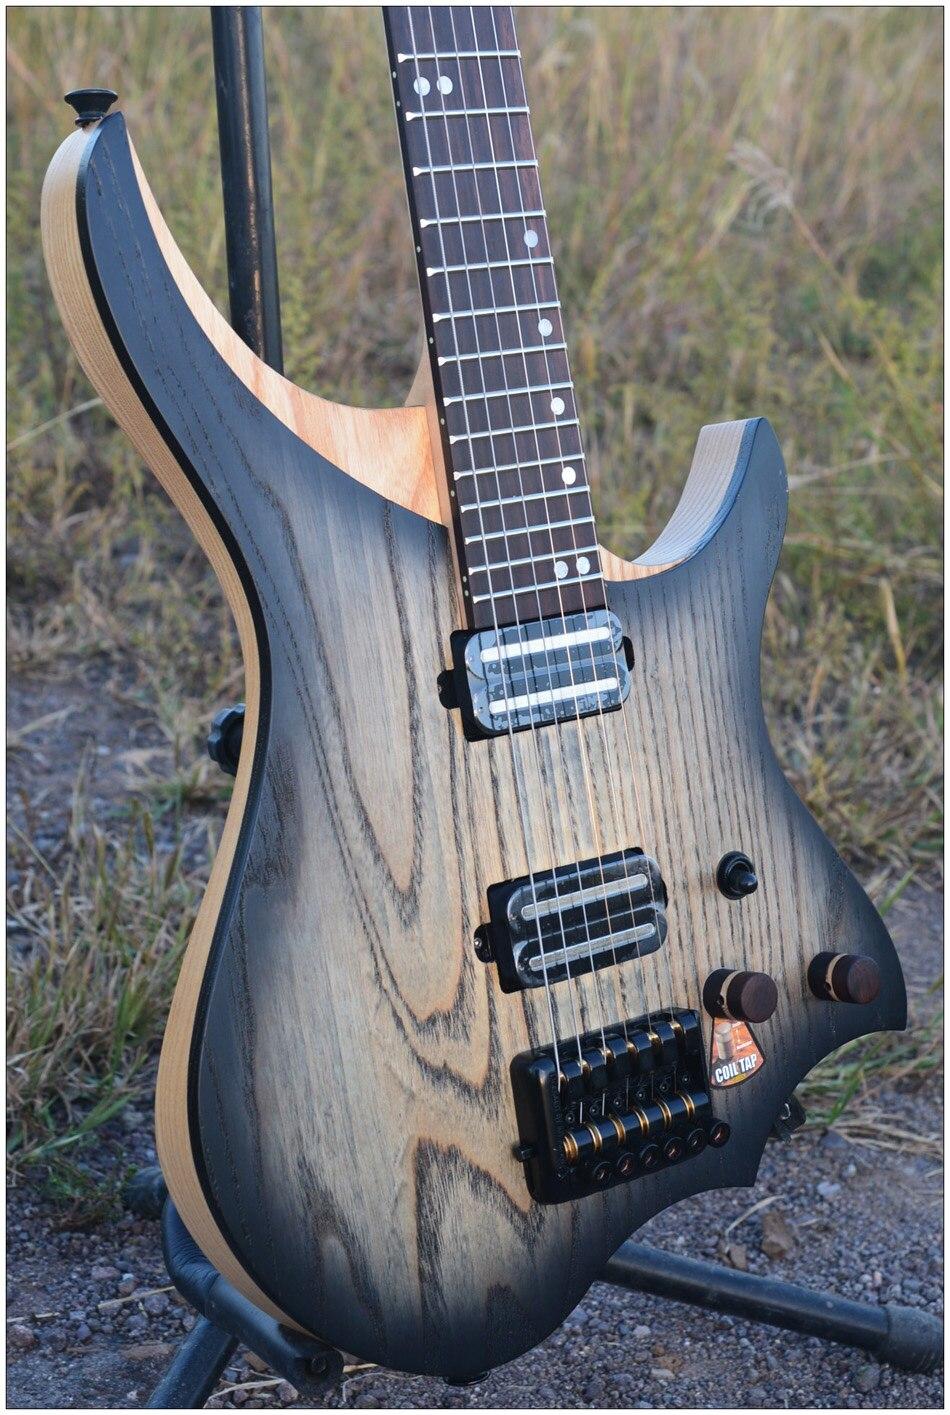 Guitare électrique sans tête NK modèle style noir rafale couleur flamme érable cou en stock guitare livraison gratuite